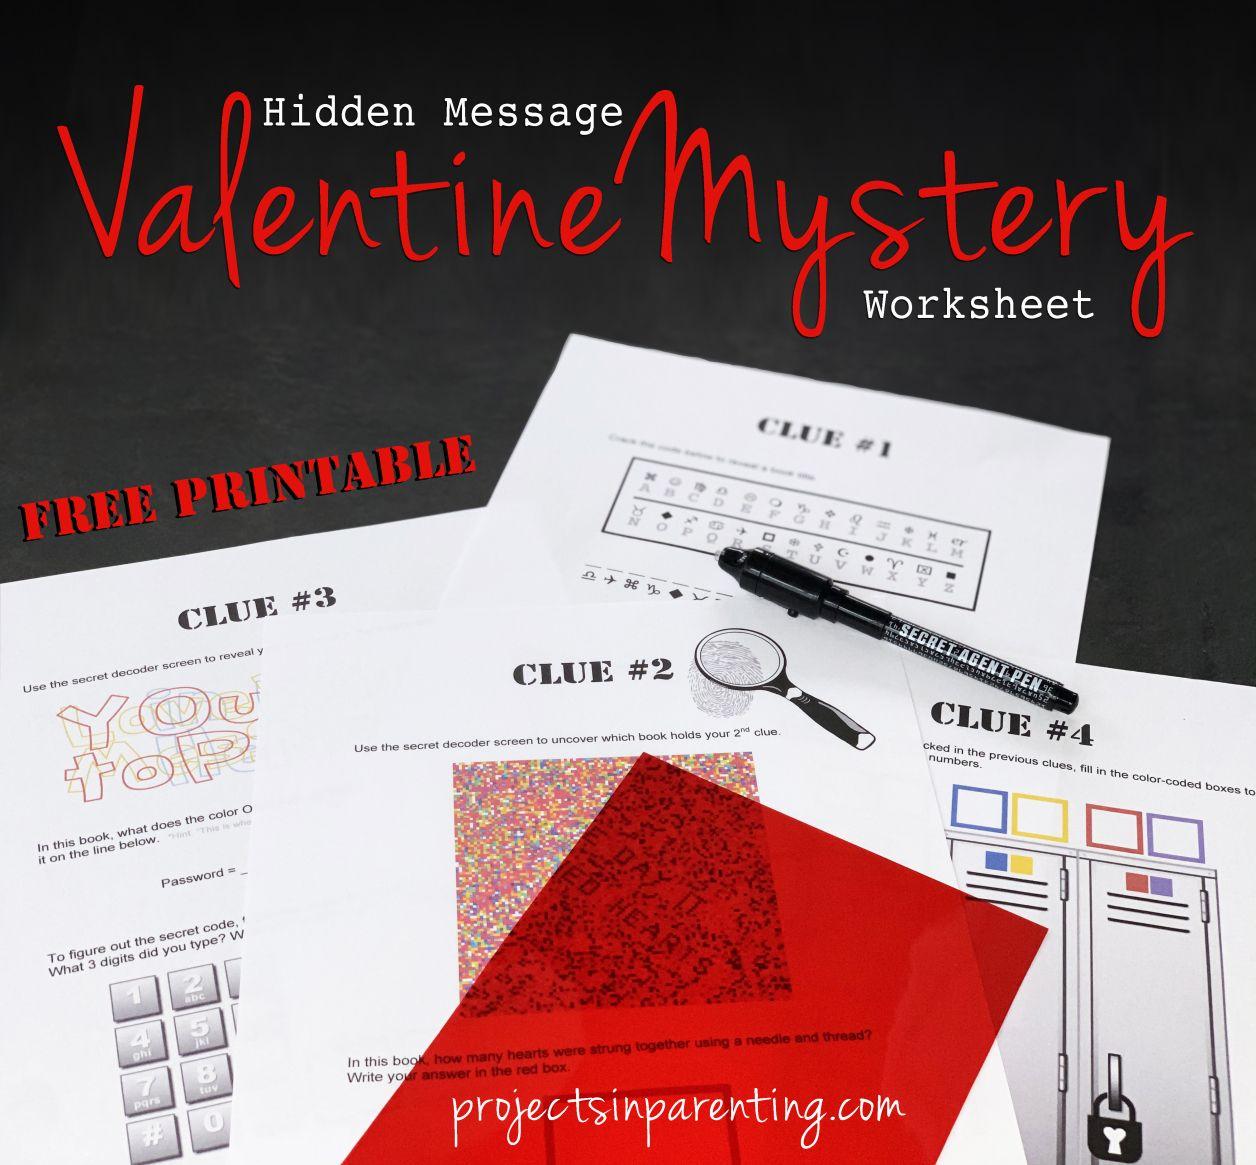 Hidden Message Valentine Mystery Worksheet In